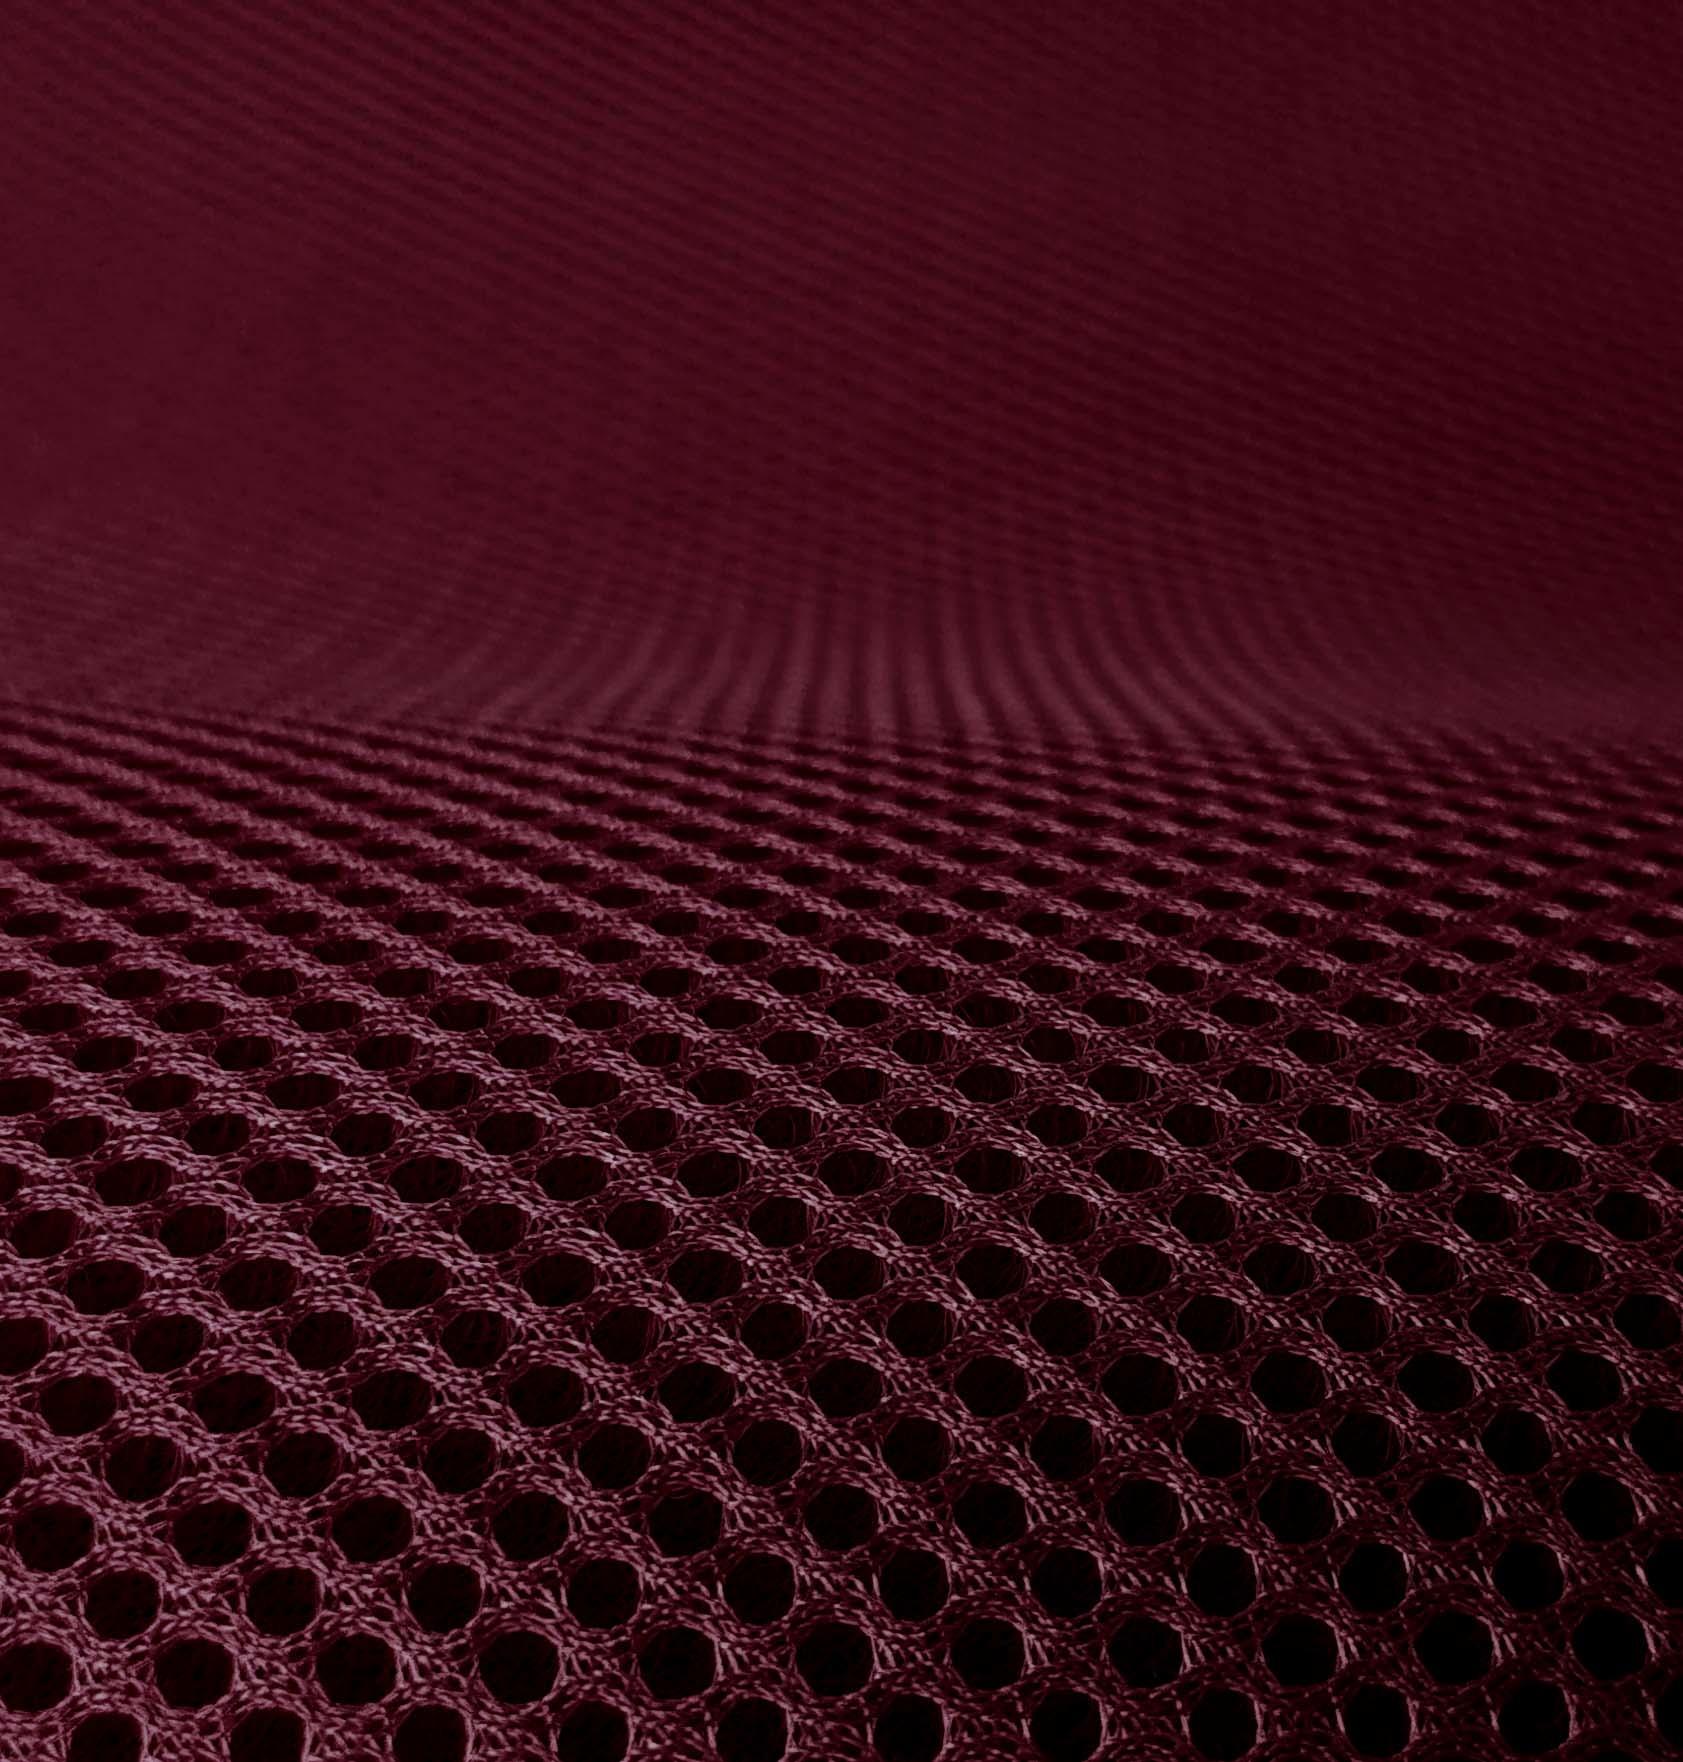 3D Airmesh Bordeaux 4mm / 1,00m length x 1,60m width - Copy - Copy - Copy